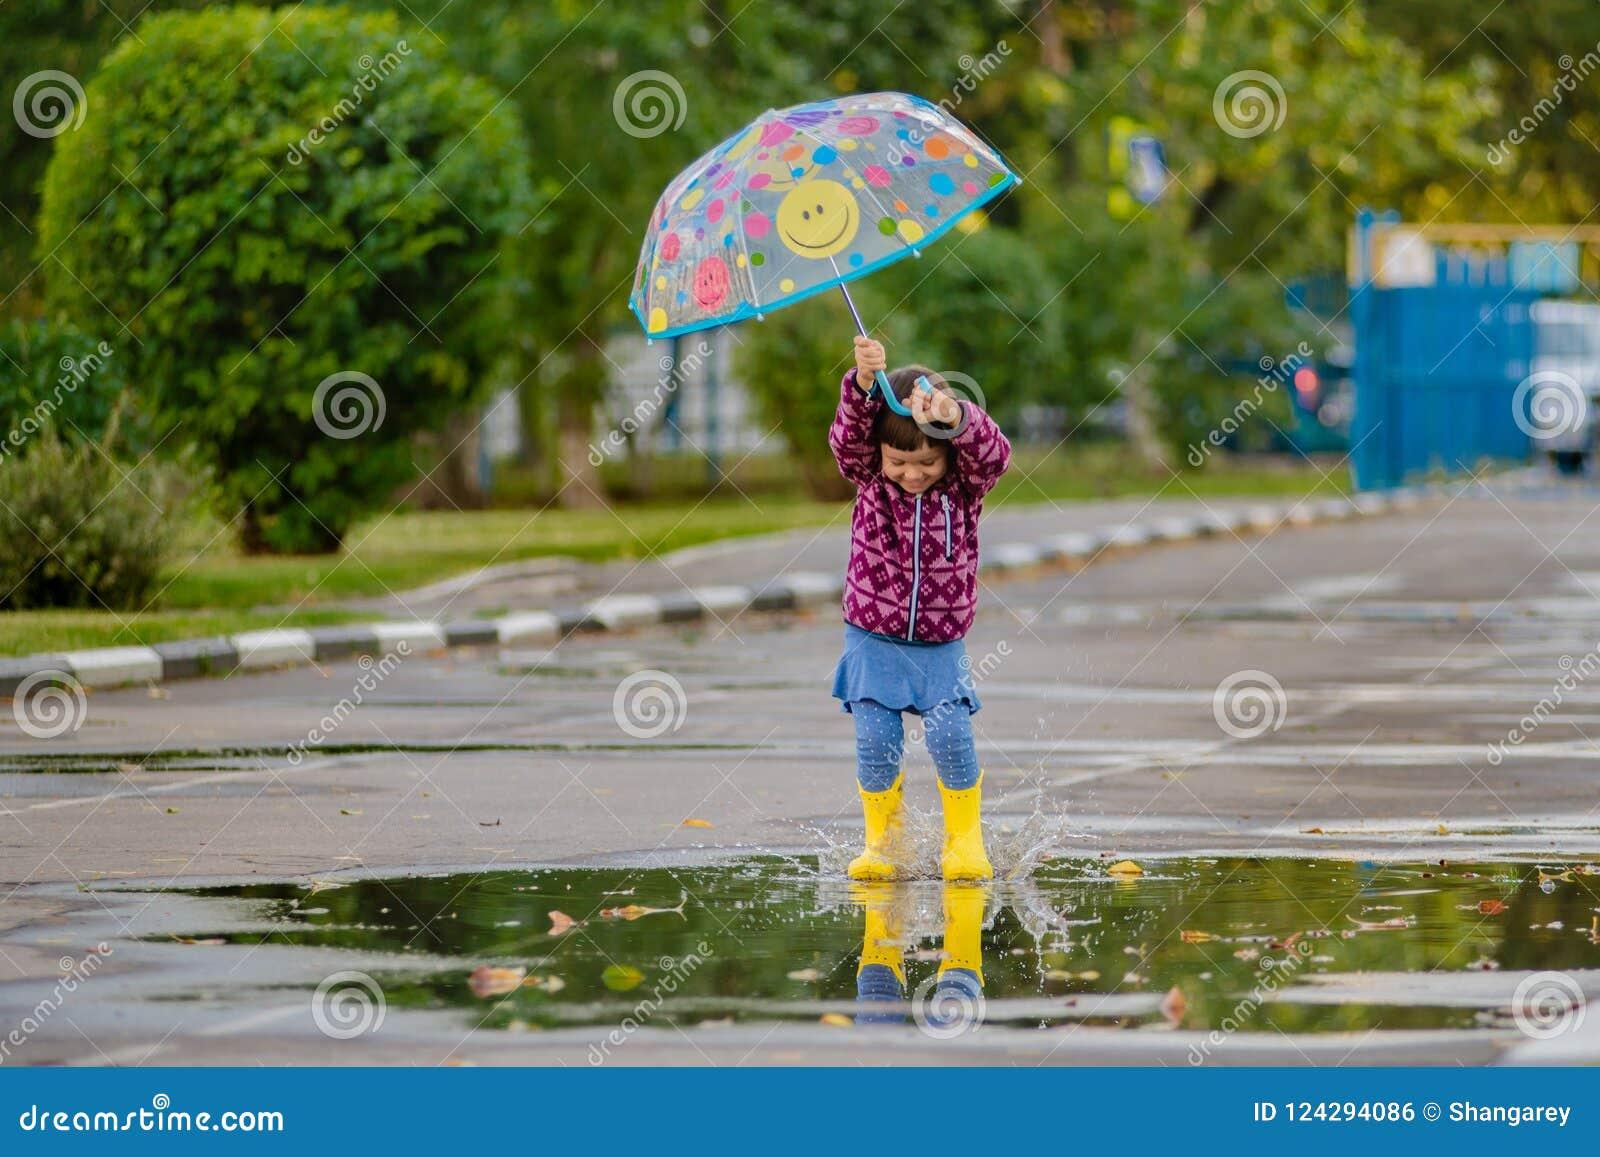 Gelukkig grappig kind met multicolored paraplu het springen vulklei in rubberlaarzen en het lachen